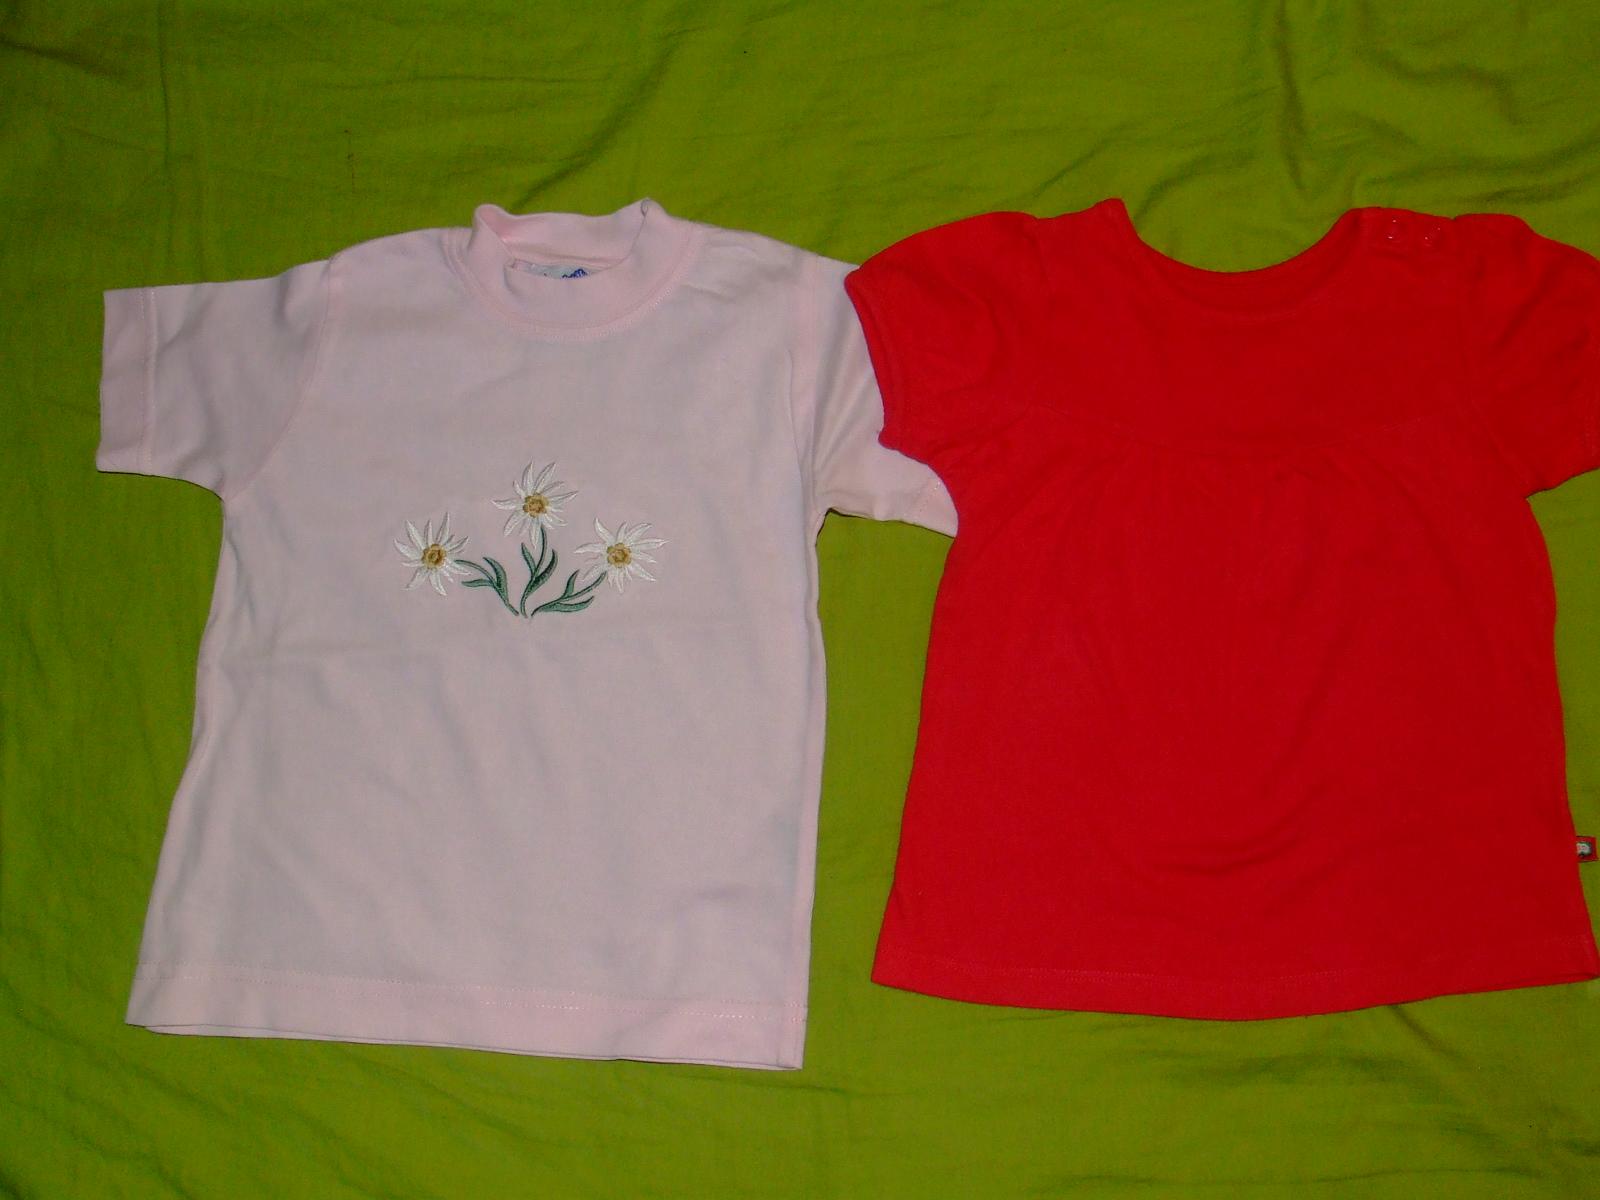 Koszulka T-shirt 2 szt rozm. 80 czerwona [445]